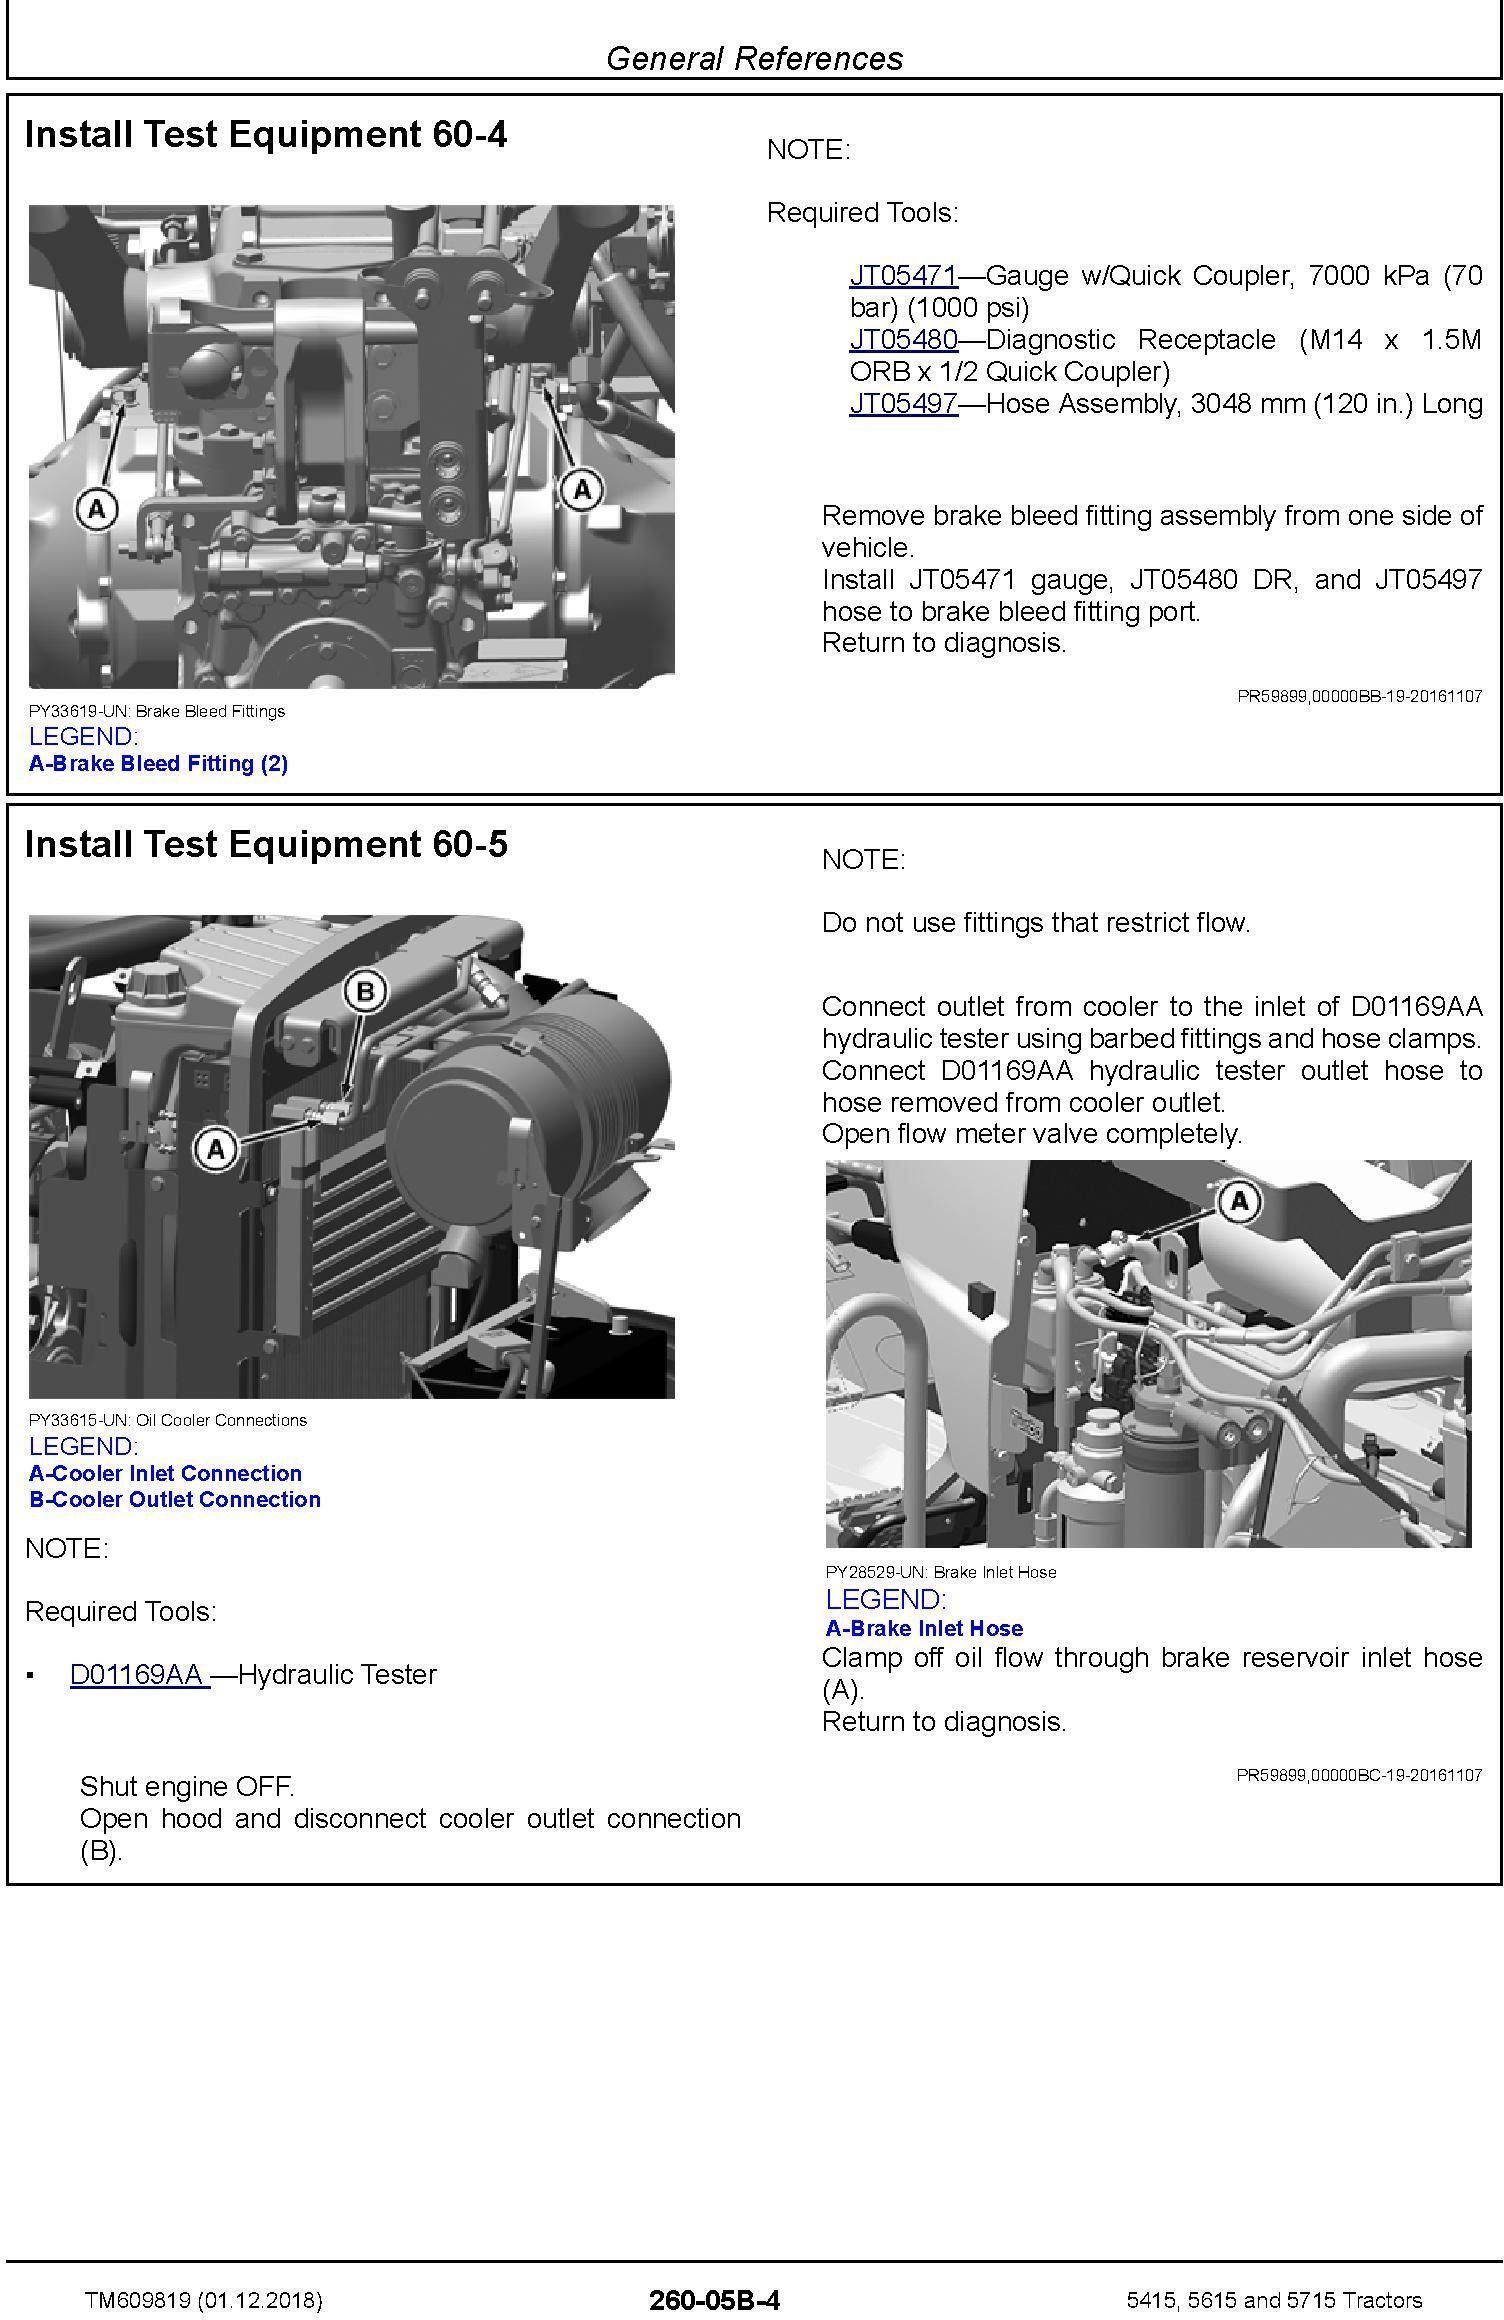 John Deere 5415, 5615 and 5715 Tractors Diagnostic Technical Service Manual (TM609819) - 3